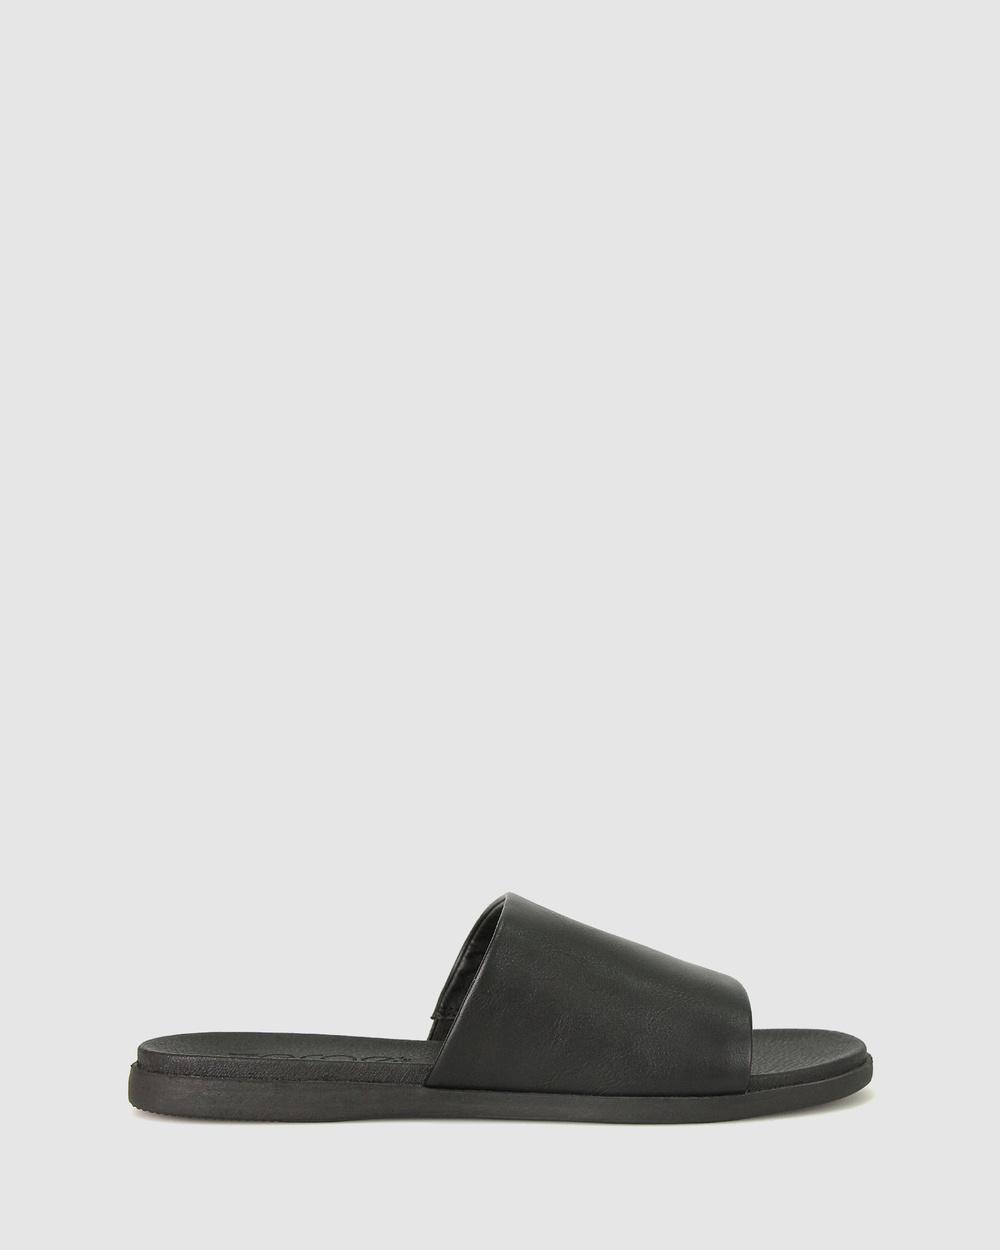 Zeroe Sofia Flat Mule Sandals Flats Black